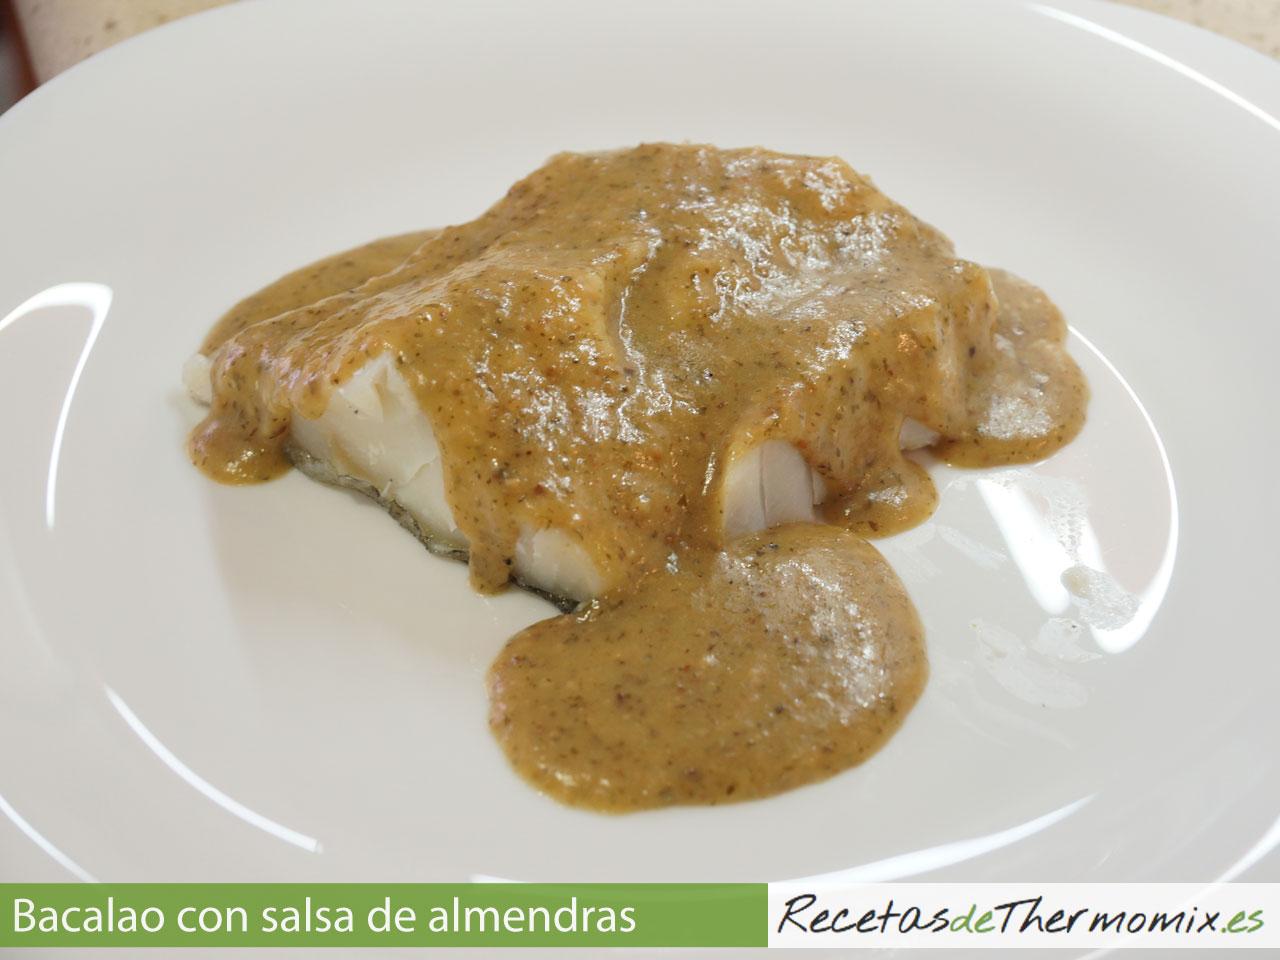 Bacalao con salsa de almendras en Thermomix